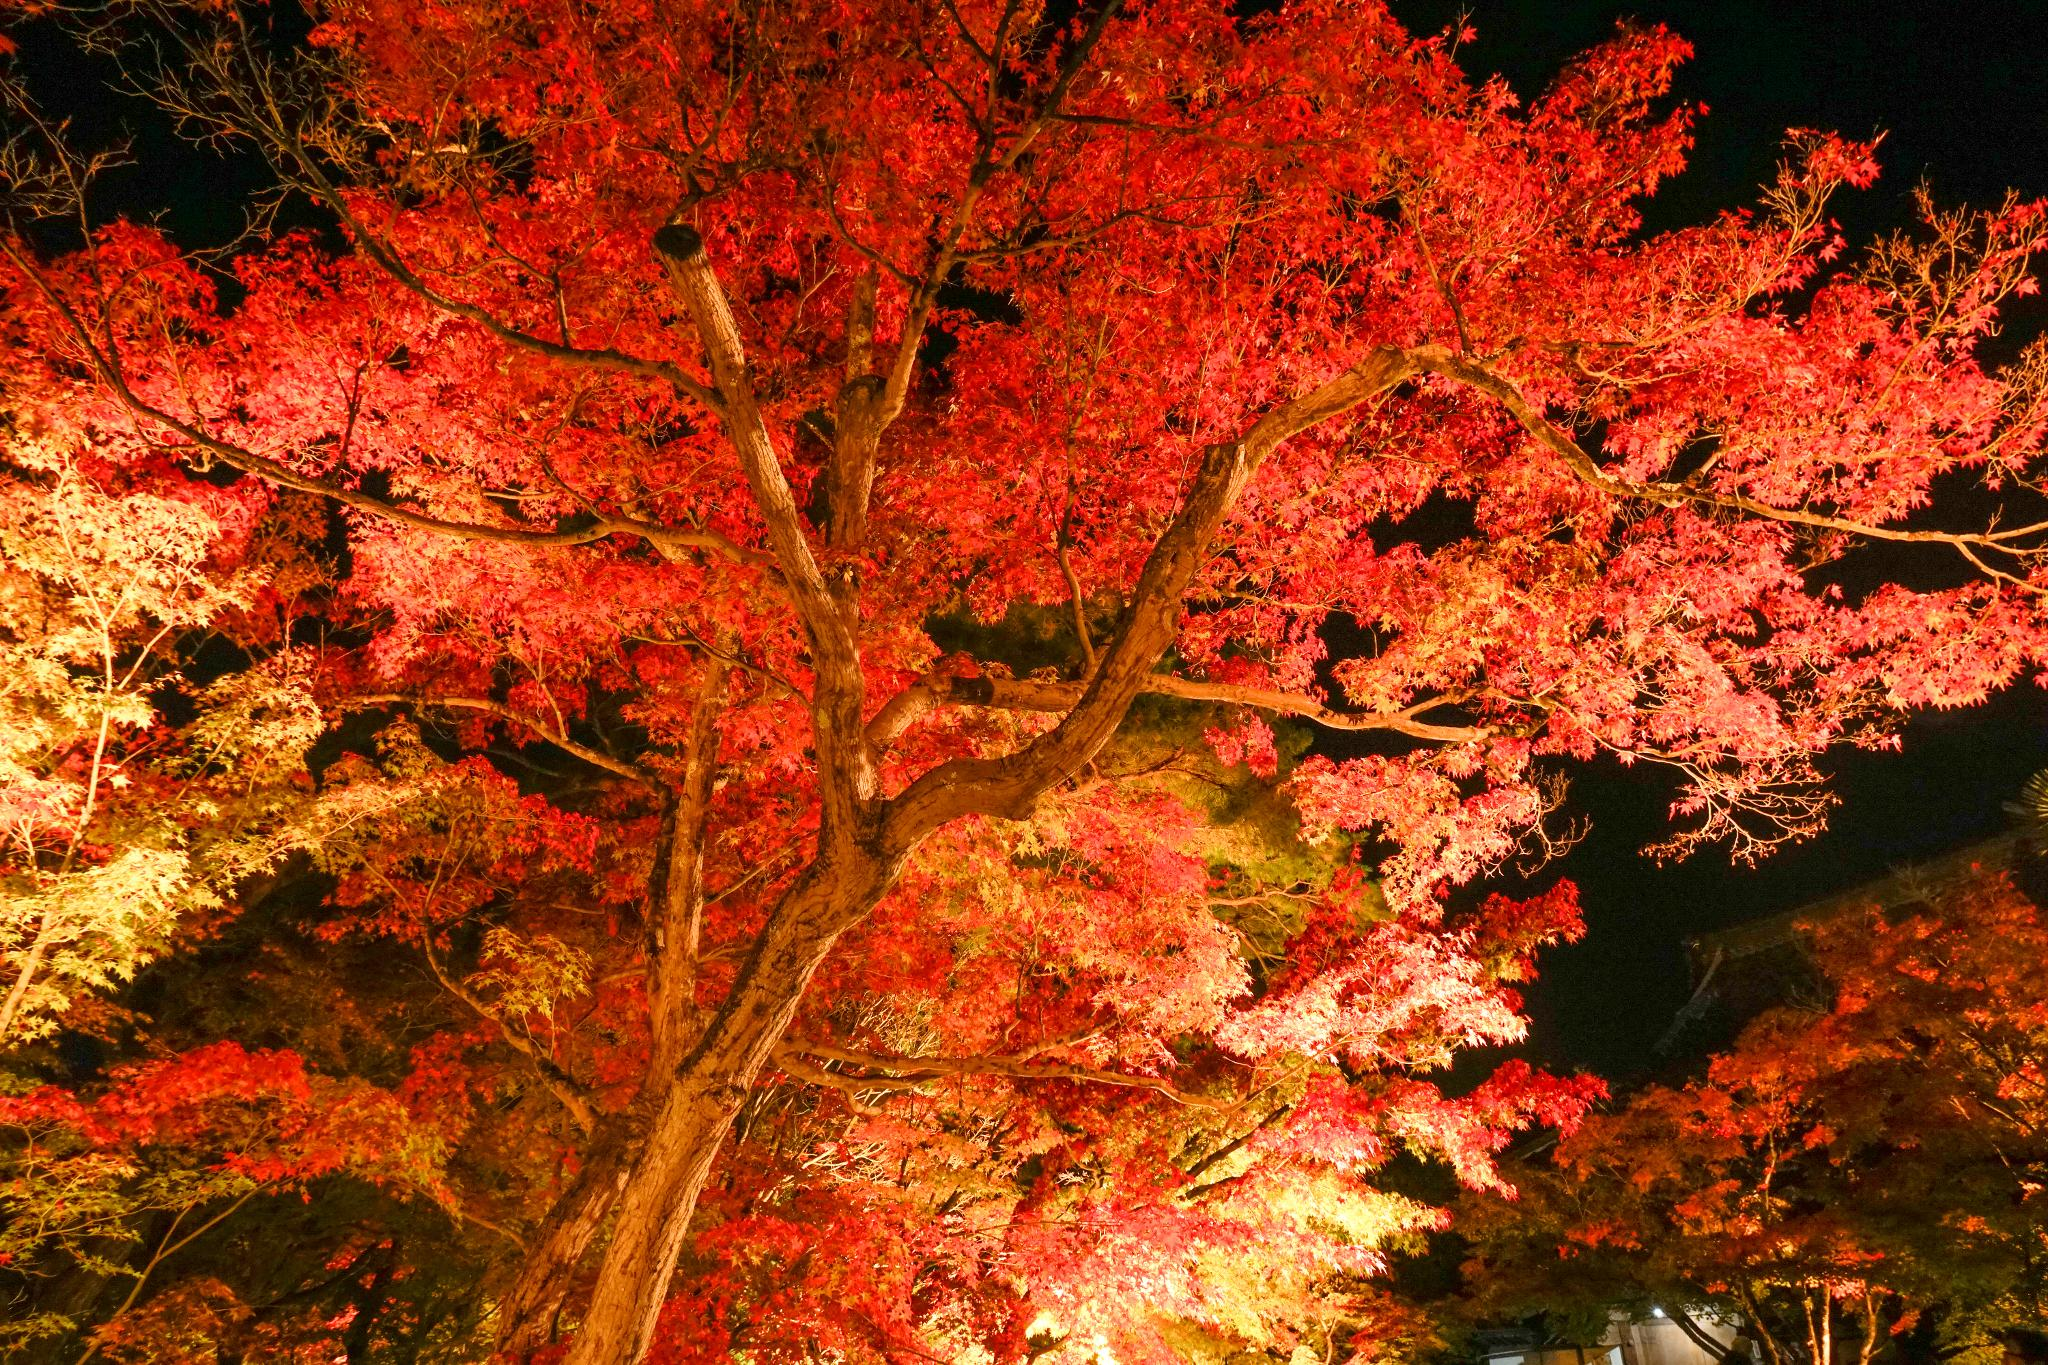 【京都】此生必來的紅葉狩絕景 - 永觀堂夜楓 141